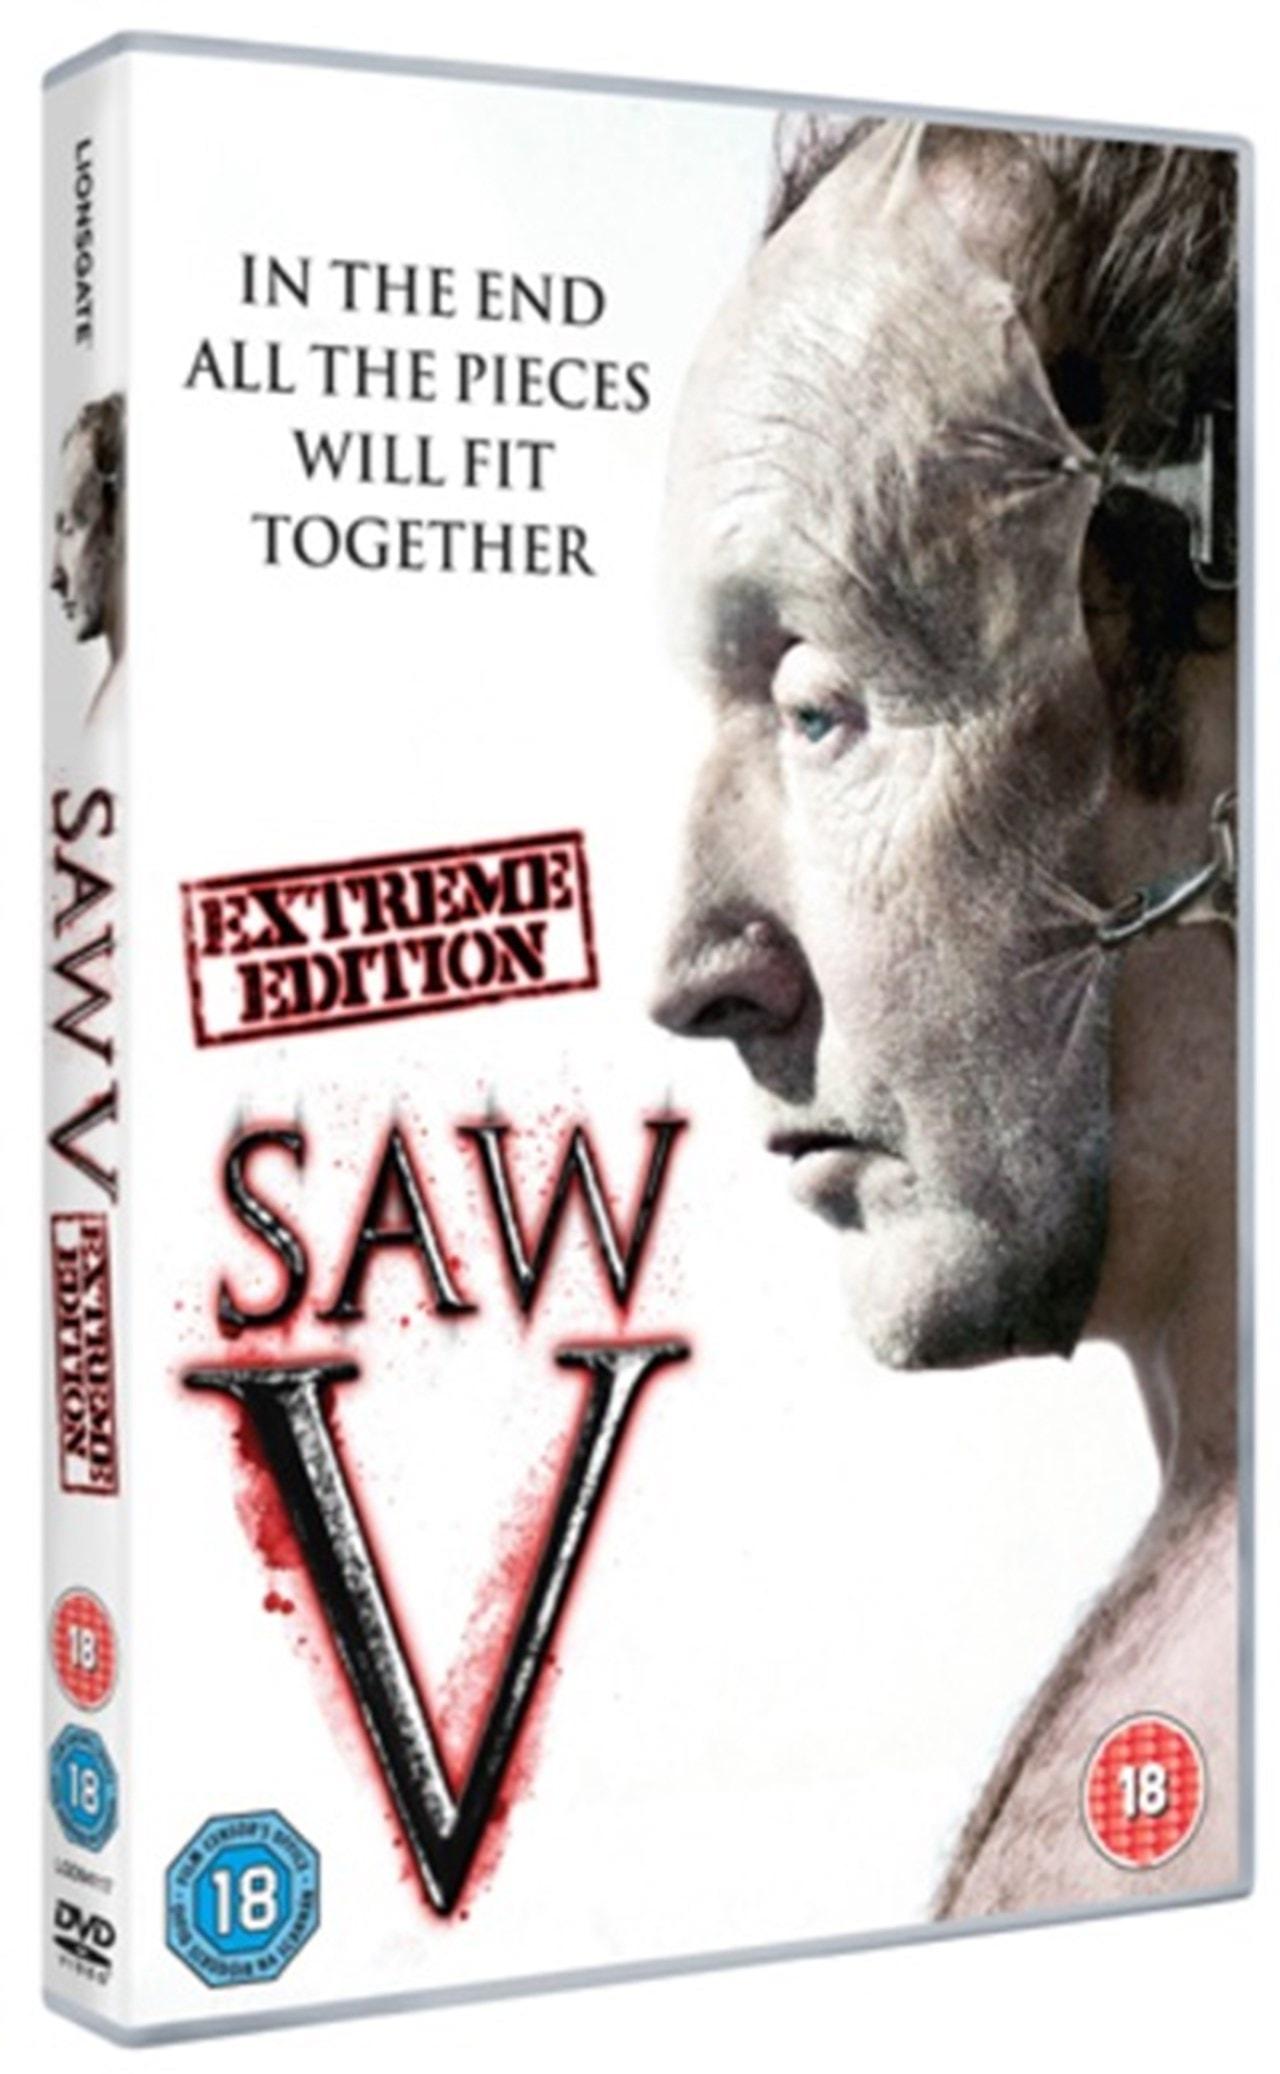 Saw V - 1